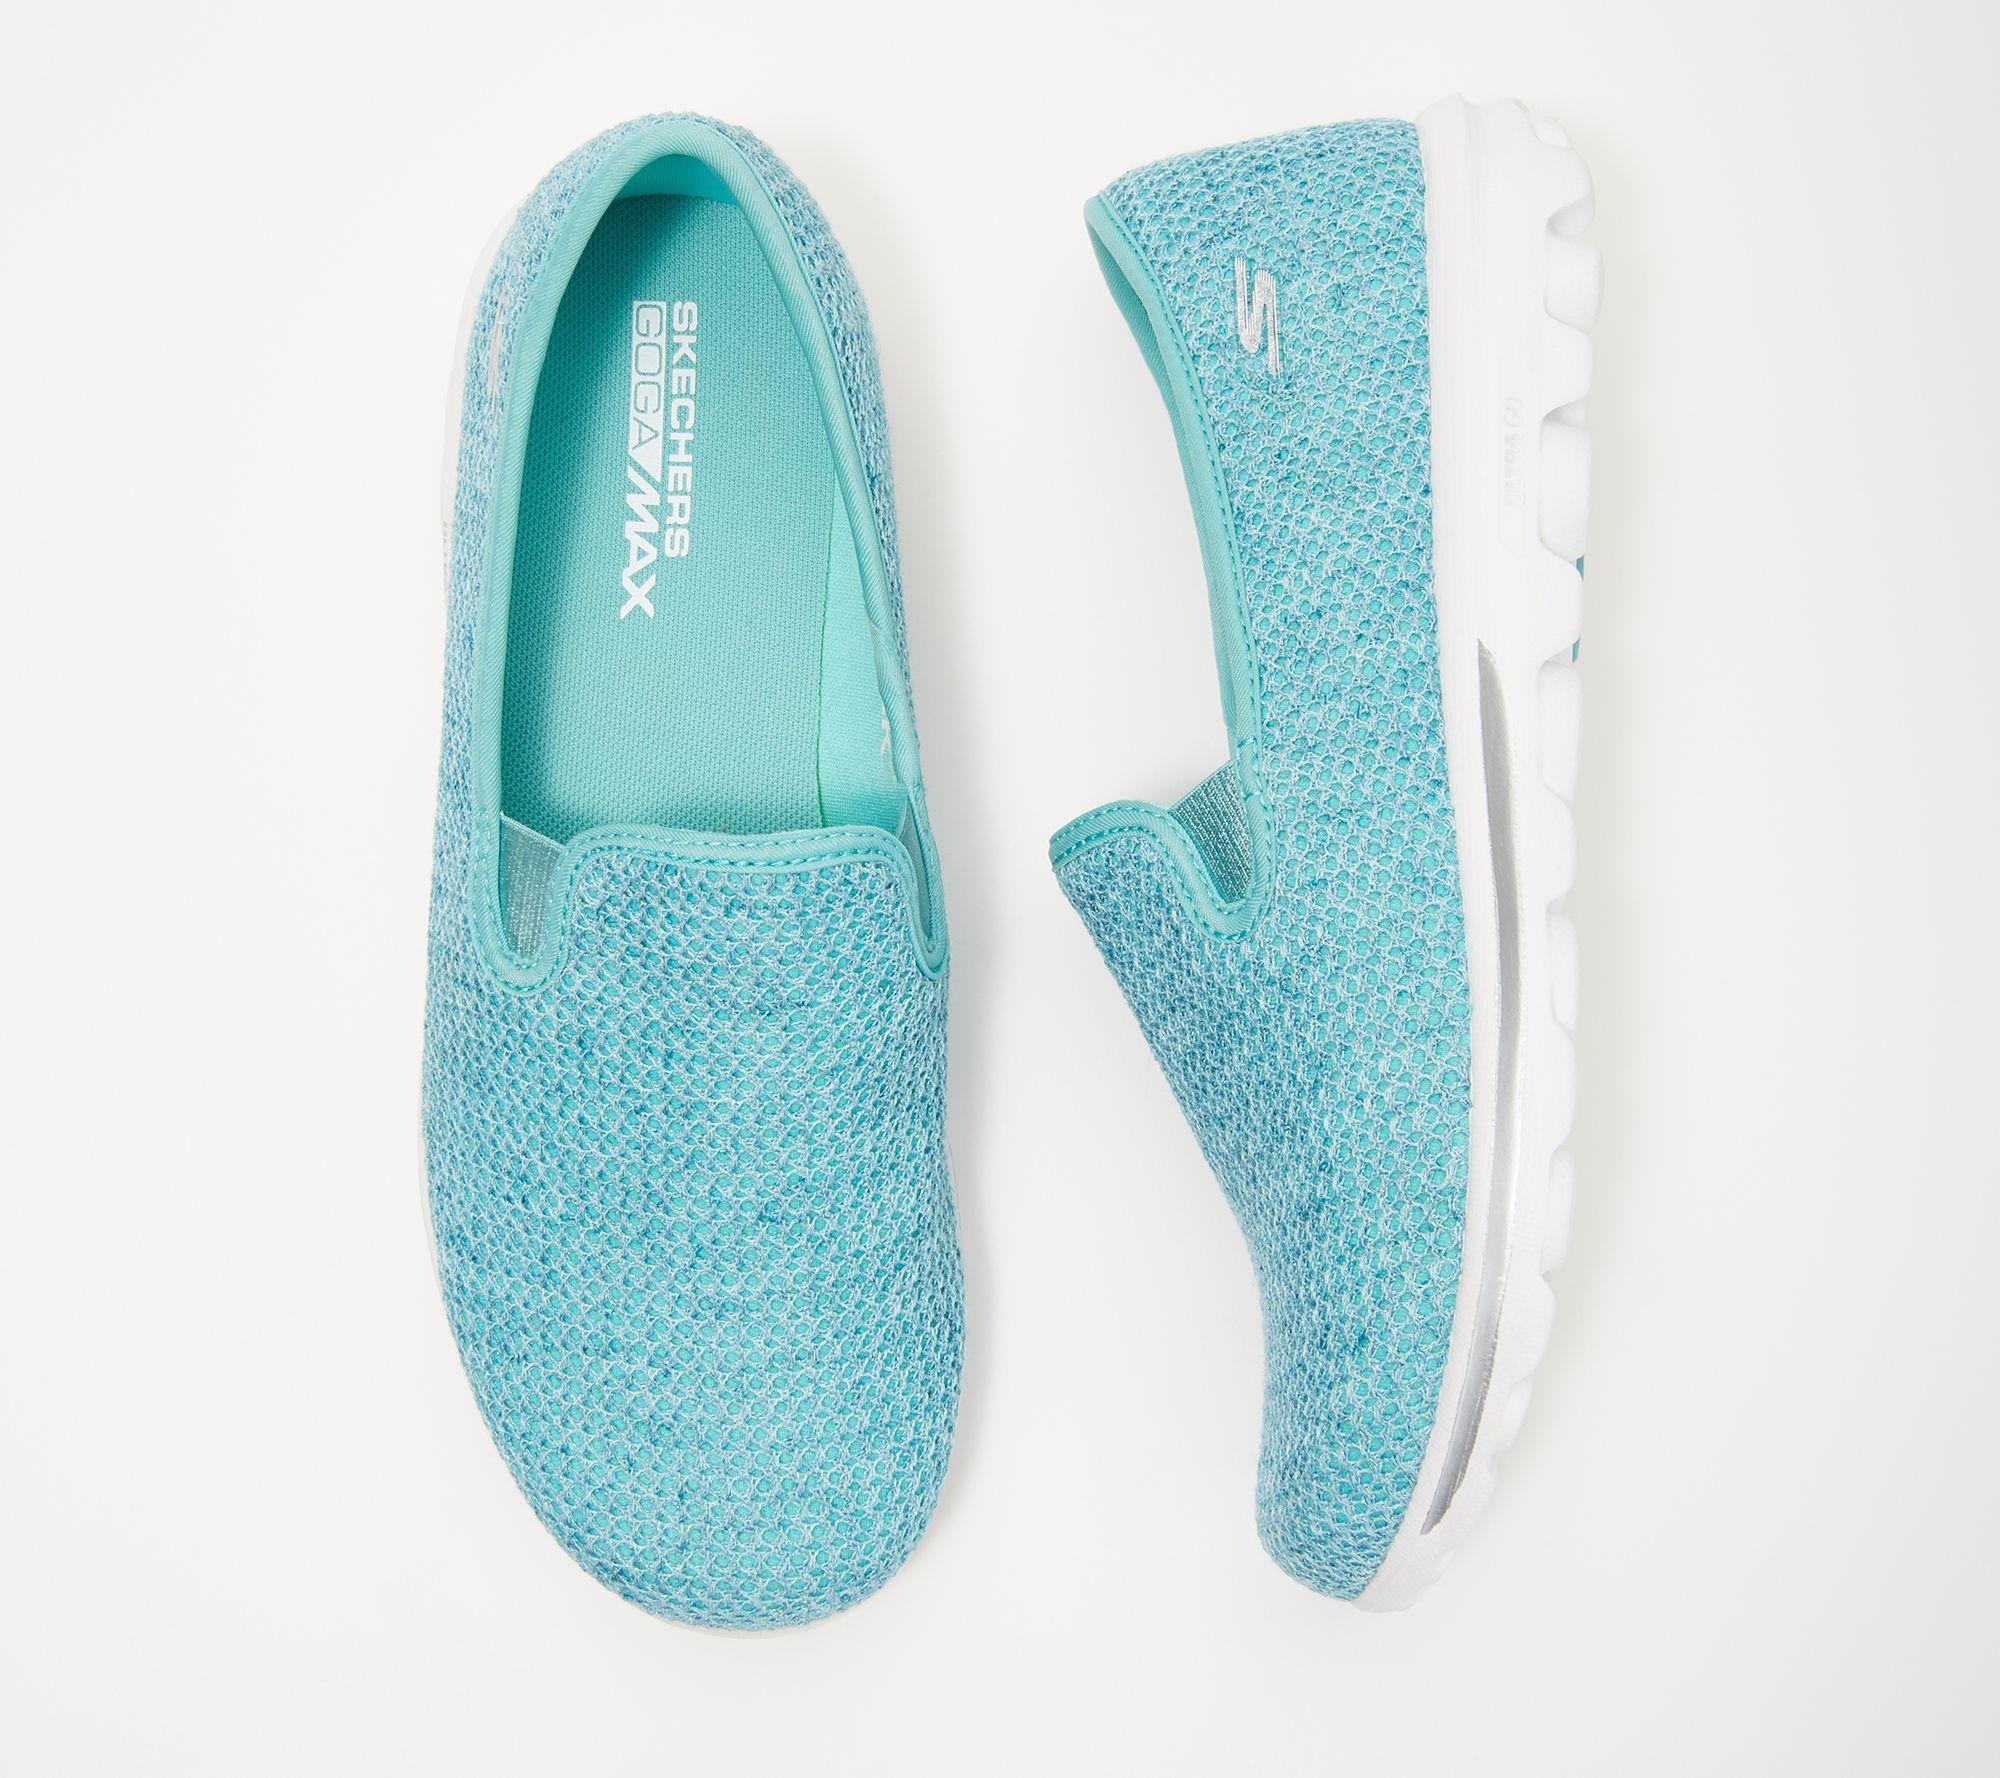 Skechers GOwalk Slip-On Mesh Shoes - Dazzle 2 — QVC.com